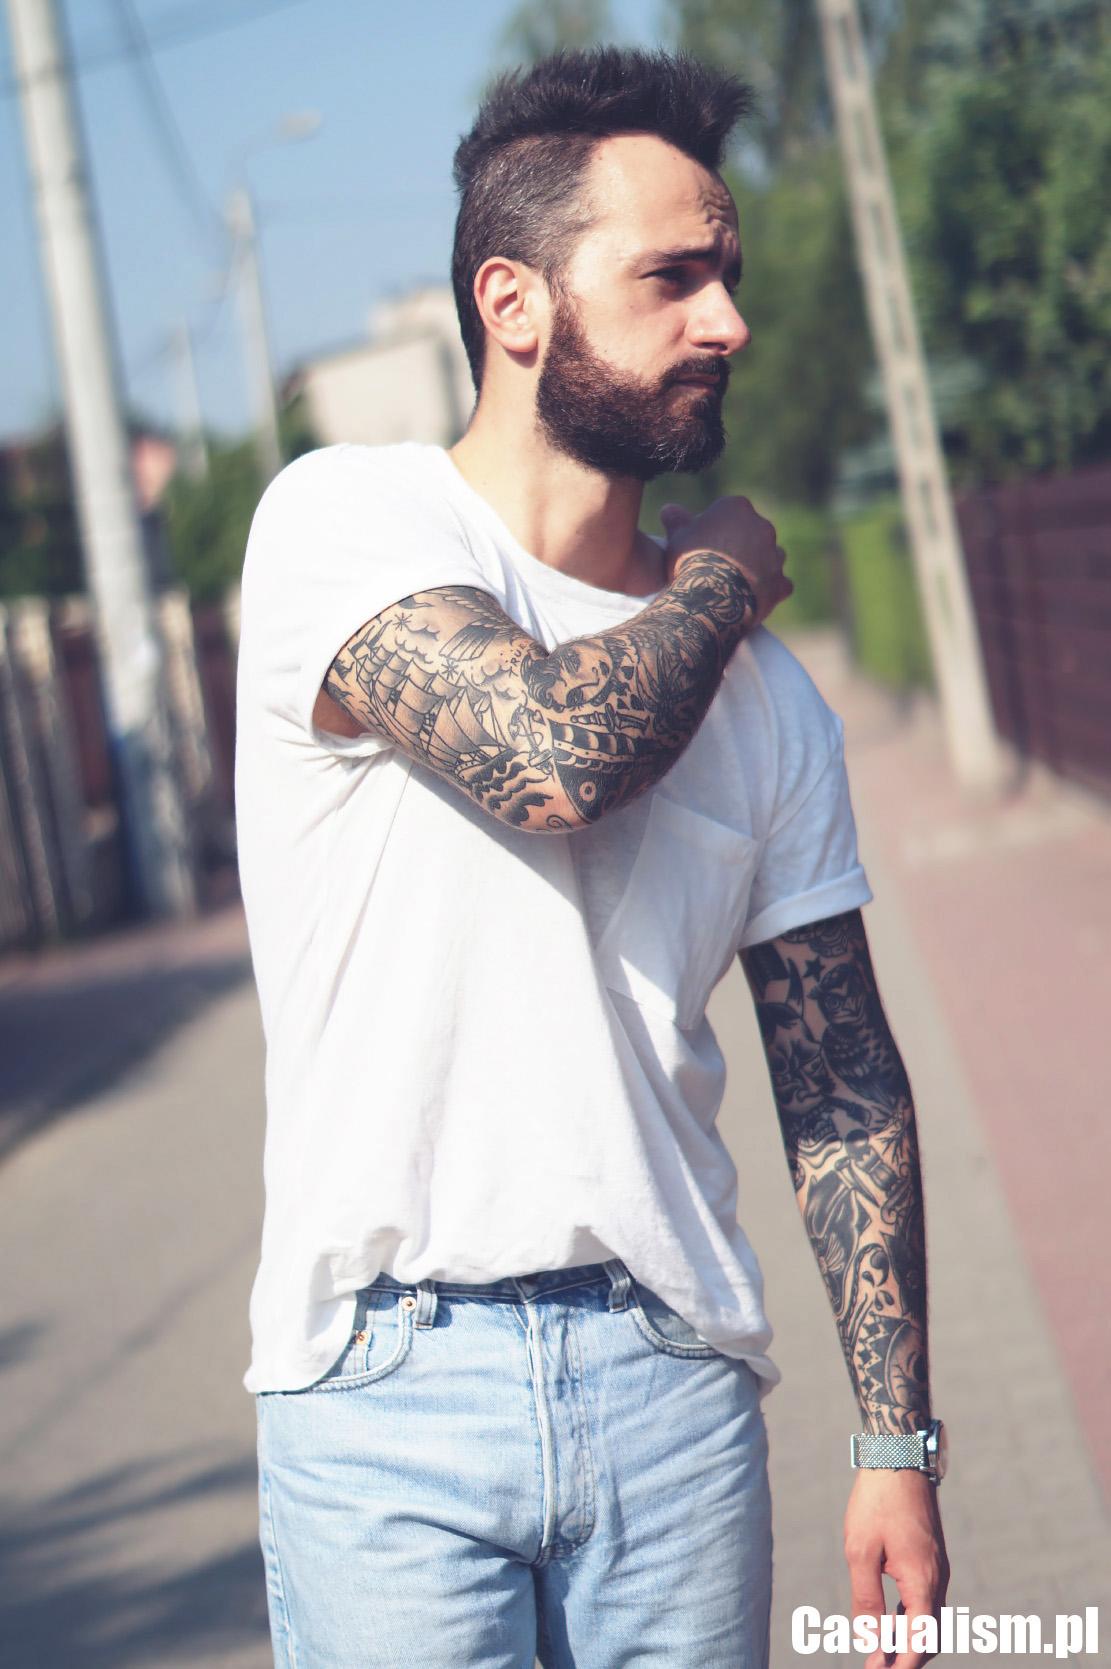 Szorty męskie, męskie spodenki jeansowe, koszulka lniana, lniana koszulka, męskie szorty jeans, szorty jeansowe, styl casual, męskie ubrania casual